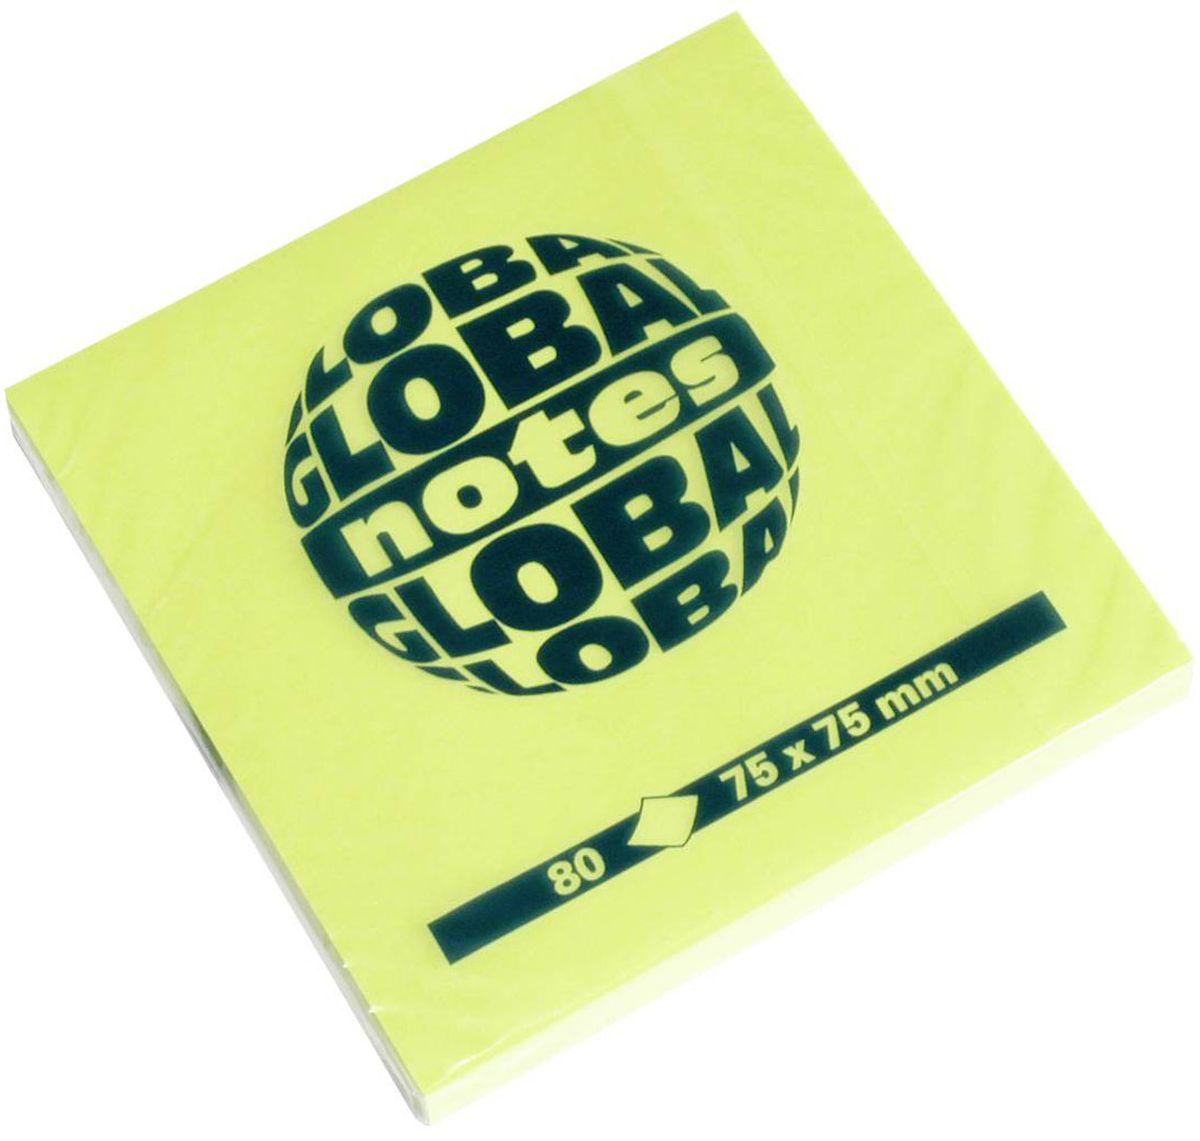 Global Notes Бумага для заметок с липким слоем цвет зеленый 7,5 х 7,5 см 80 листов365433Бумага для заметок с липким слоем Global Notes - это удобное и практичное решение для быстрой записи информации дома или на работе. Качественная клеевая полоса рассчитана на крепление к любой поверхности, позволяет приклеивать и отклеивать листок неограниченное количество раз, не оставляя следов.